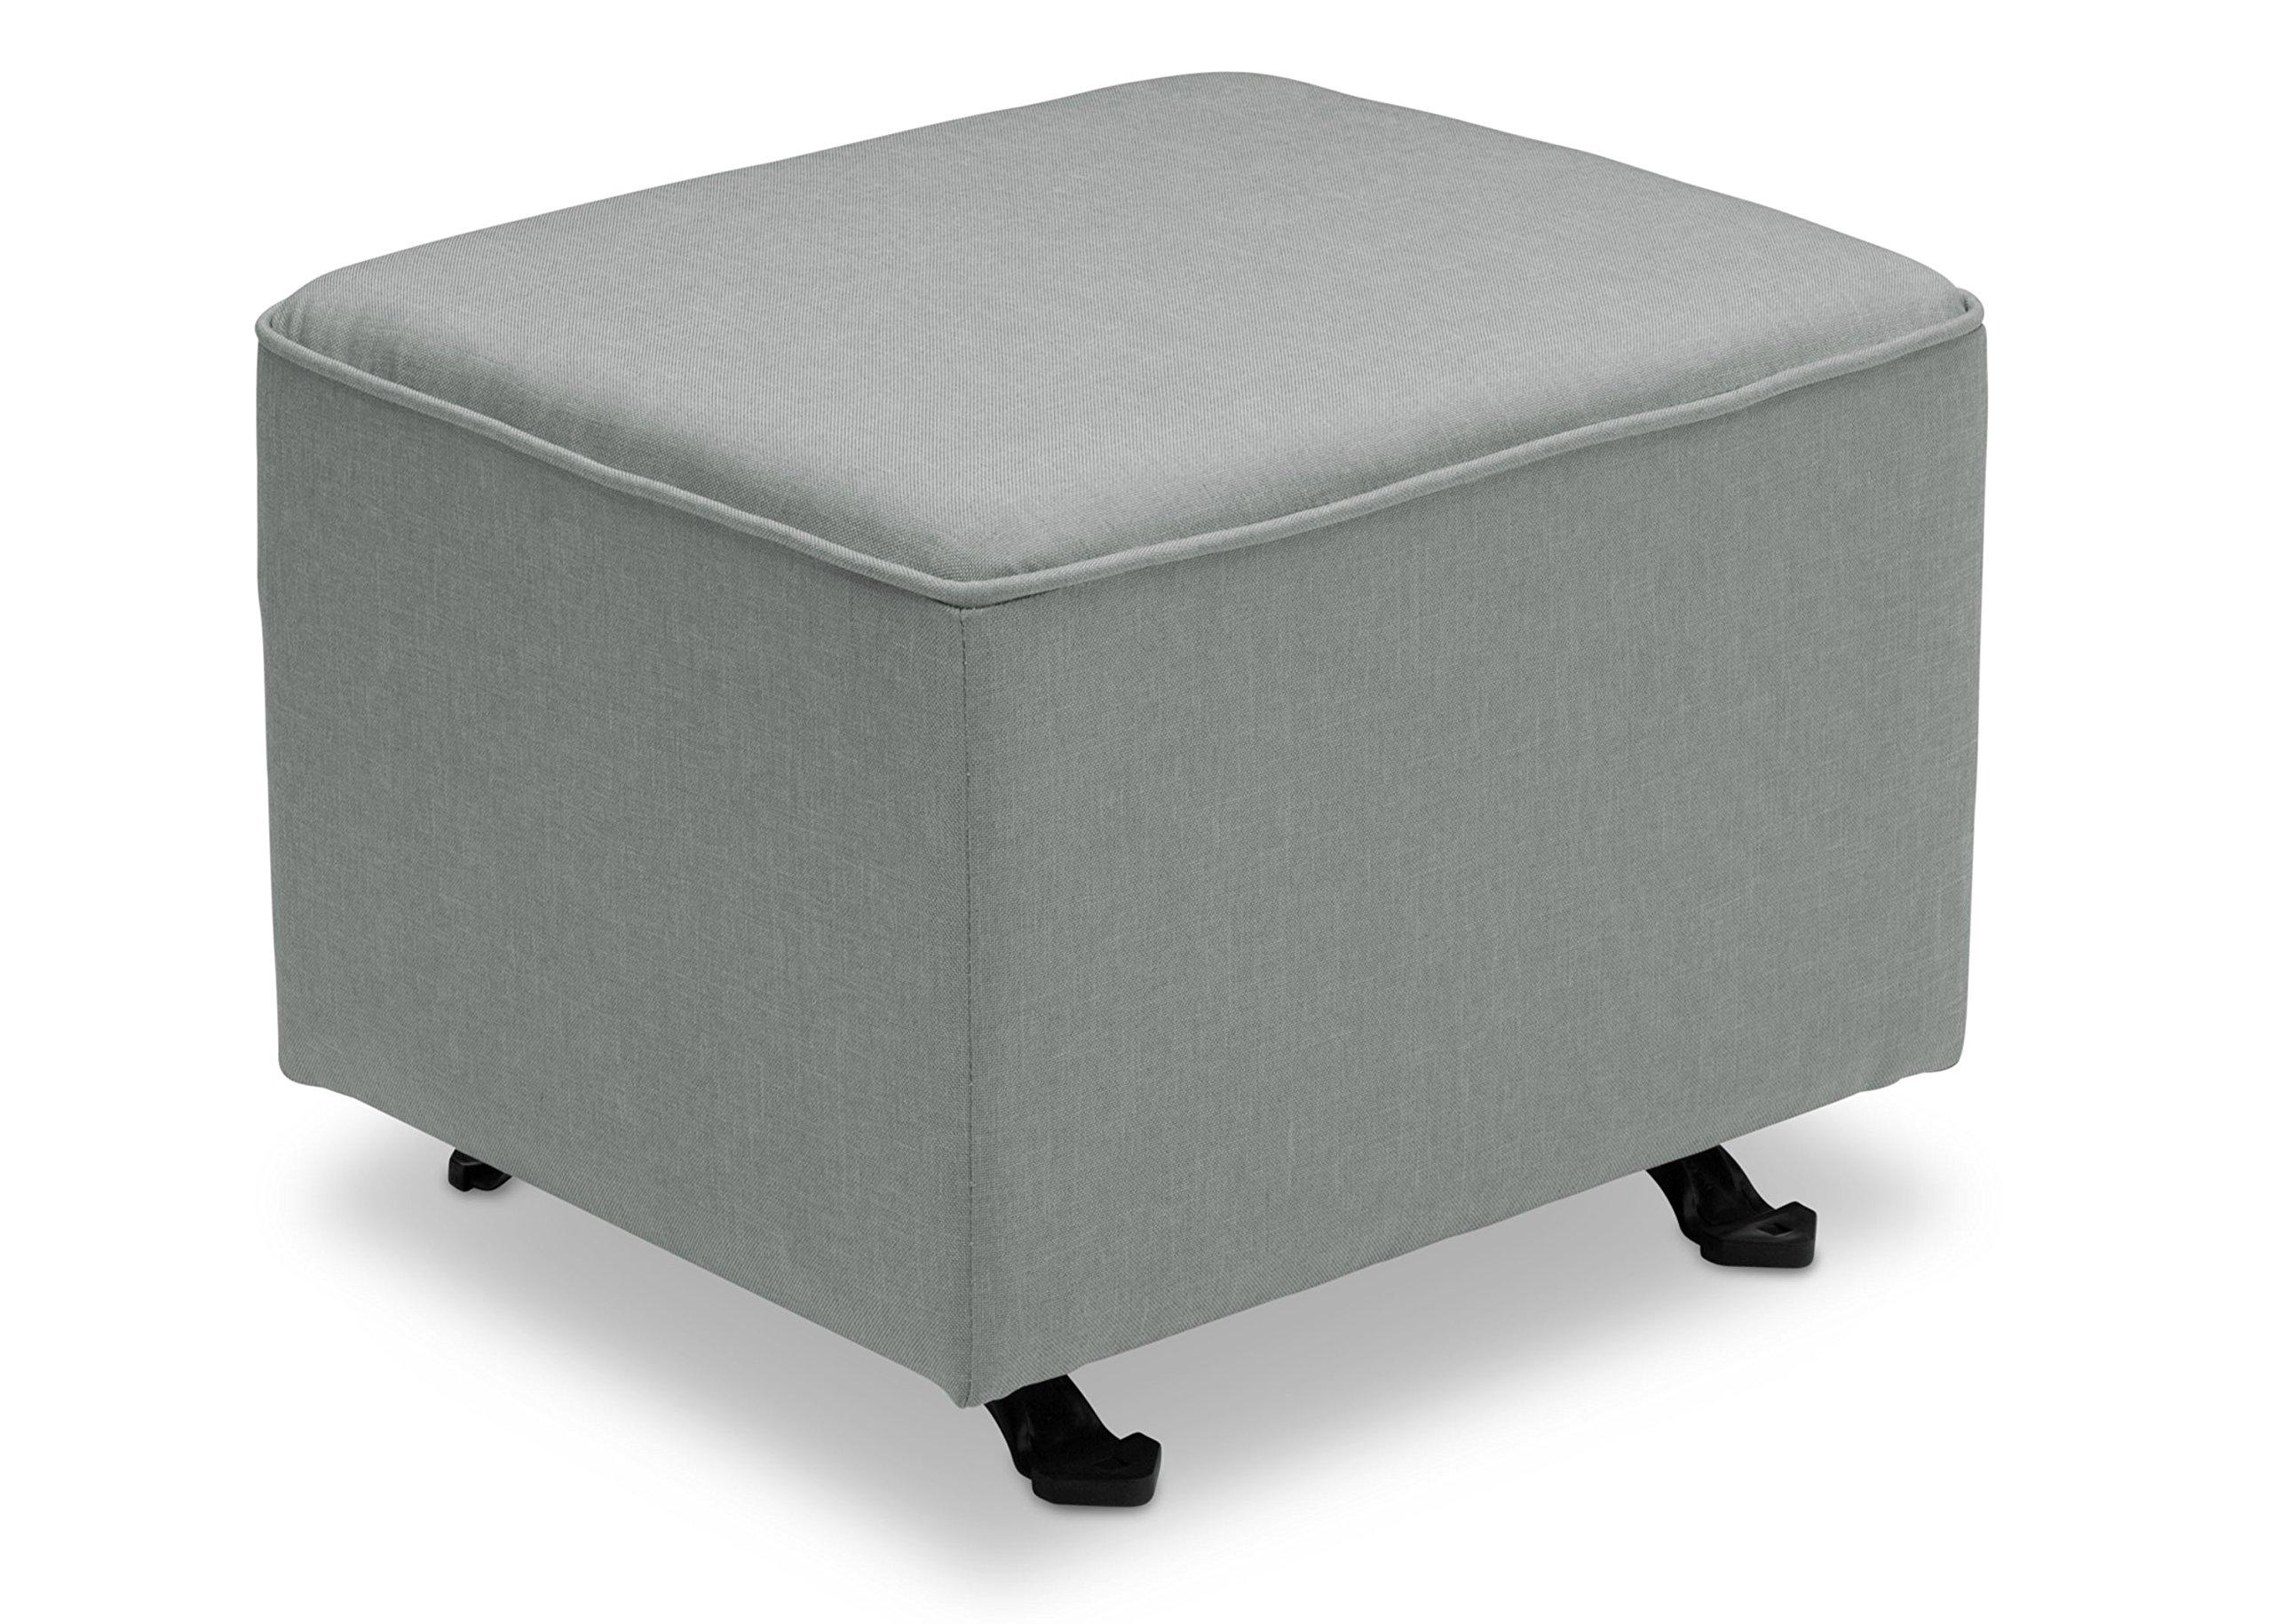 Delta Furniture Gliding Ottoman Breeze